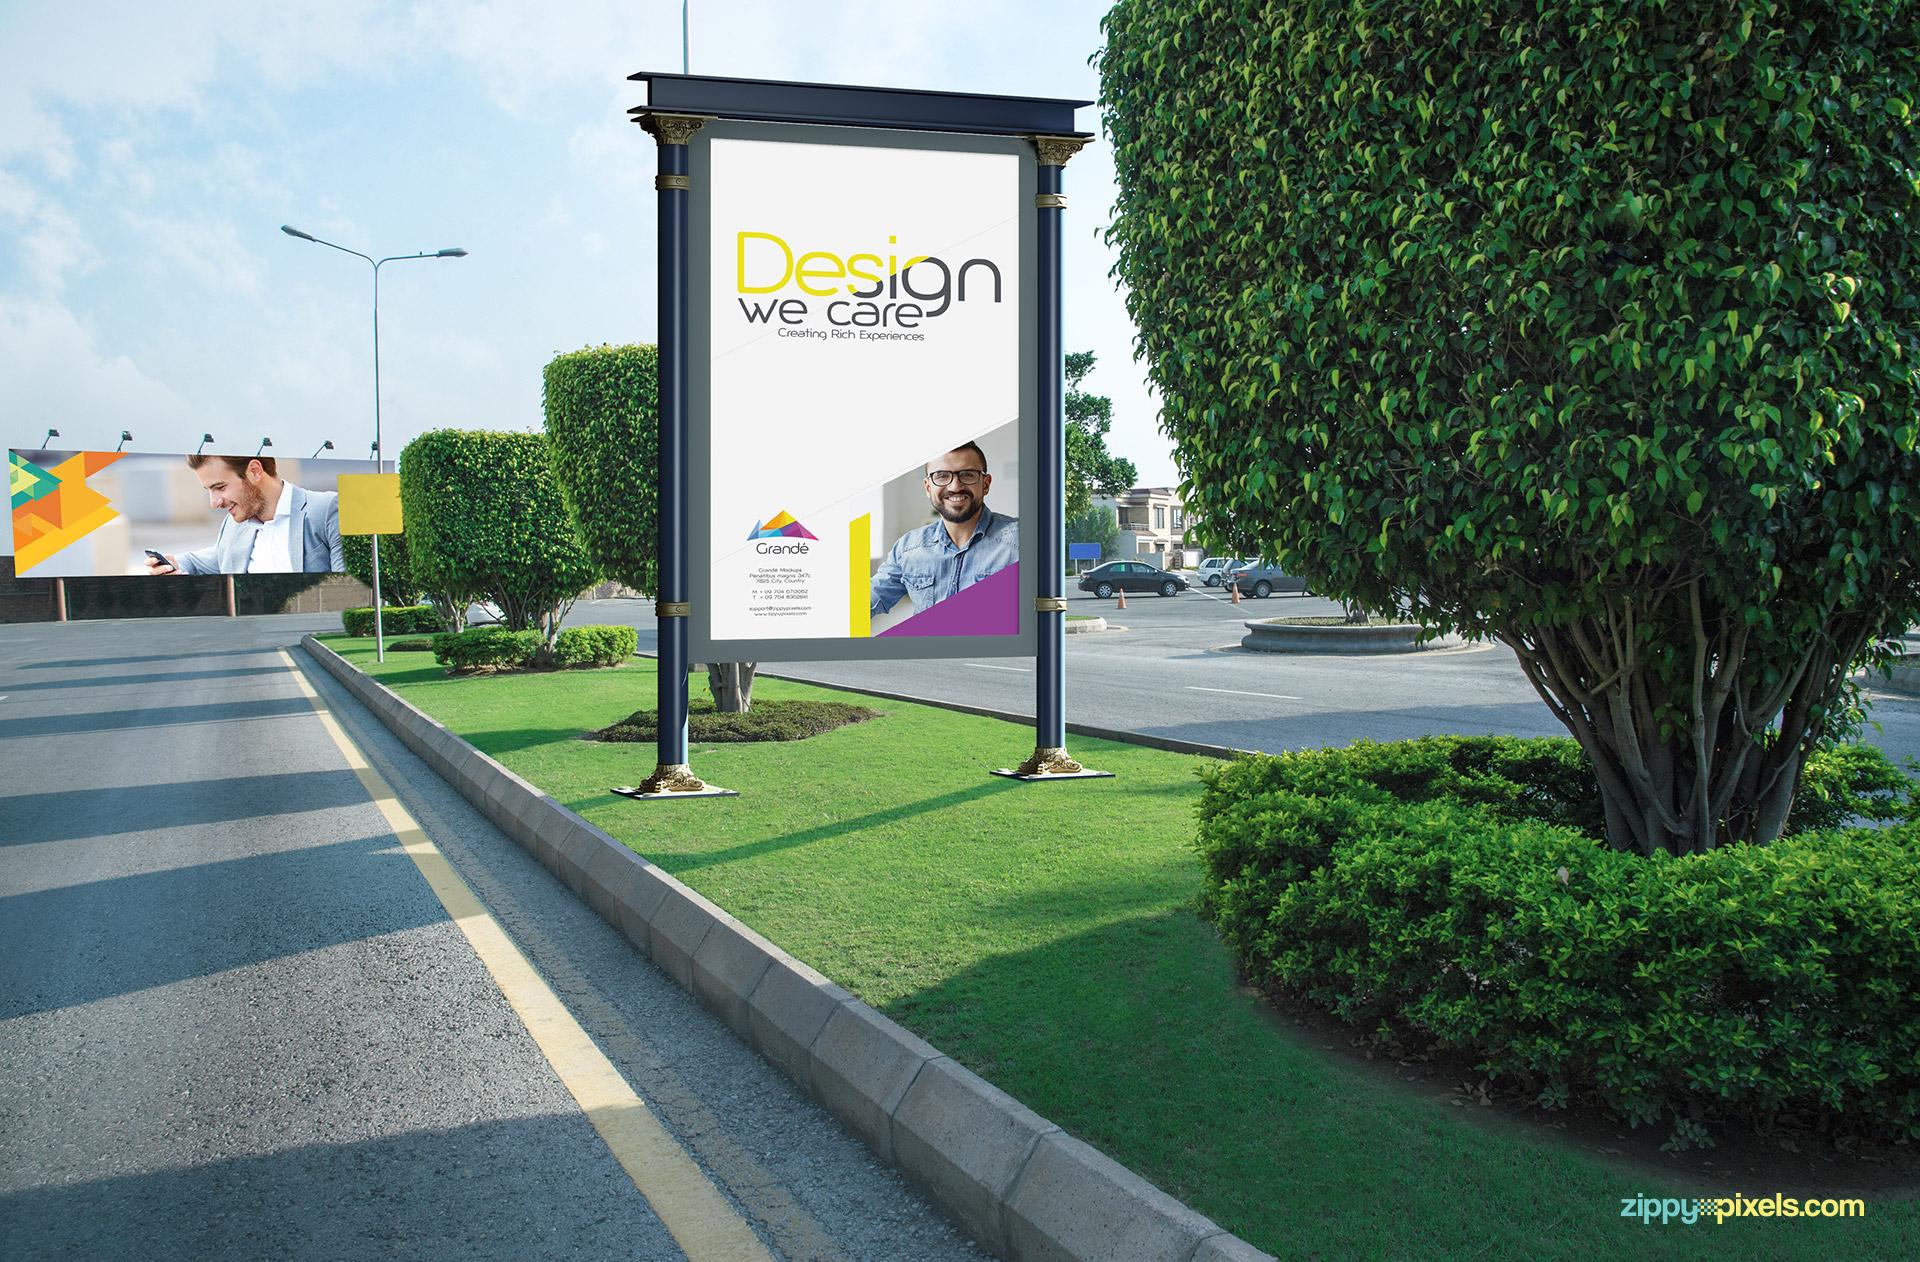 outside-road-side-billboard-mockup-on-green-belt-day-light